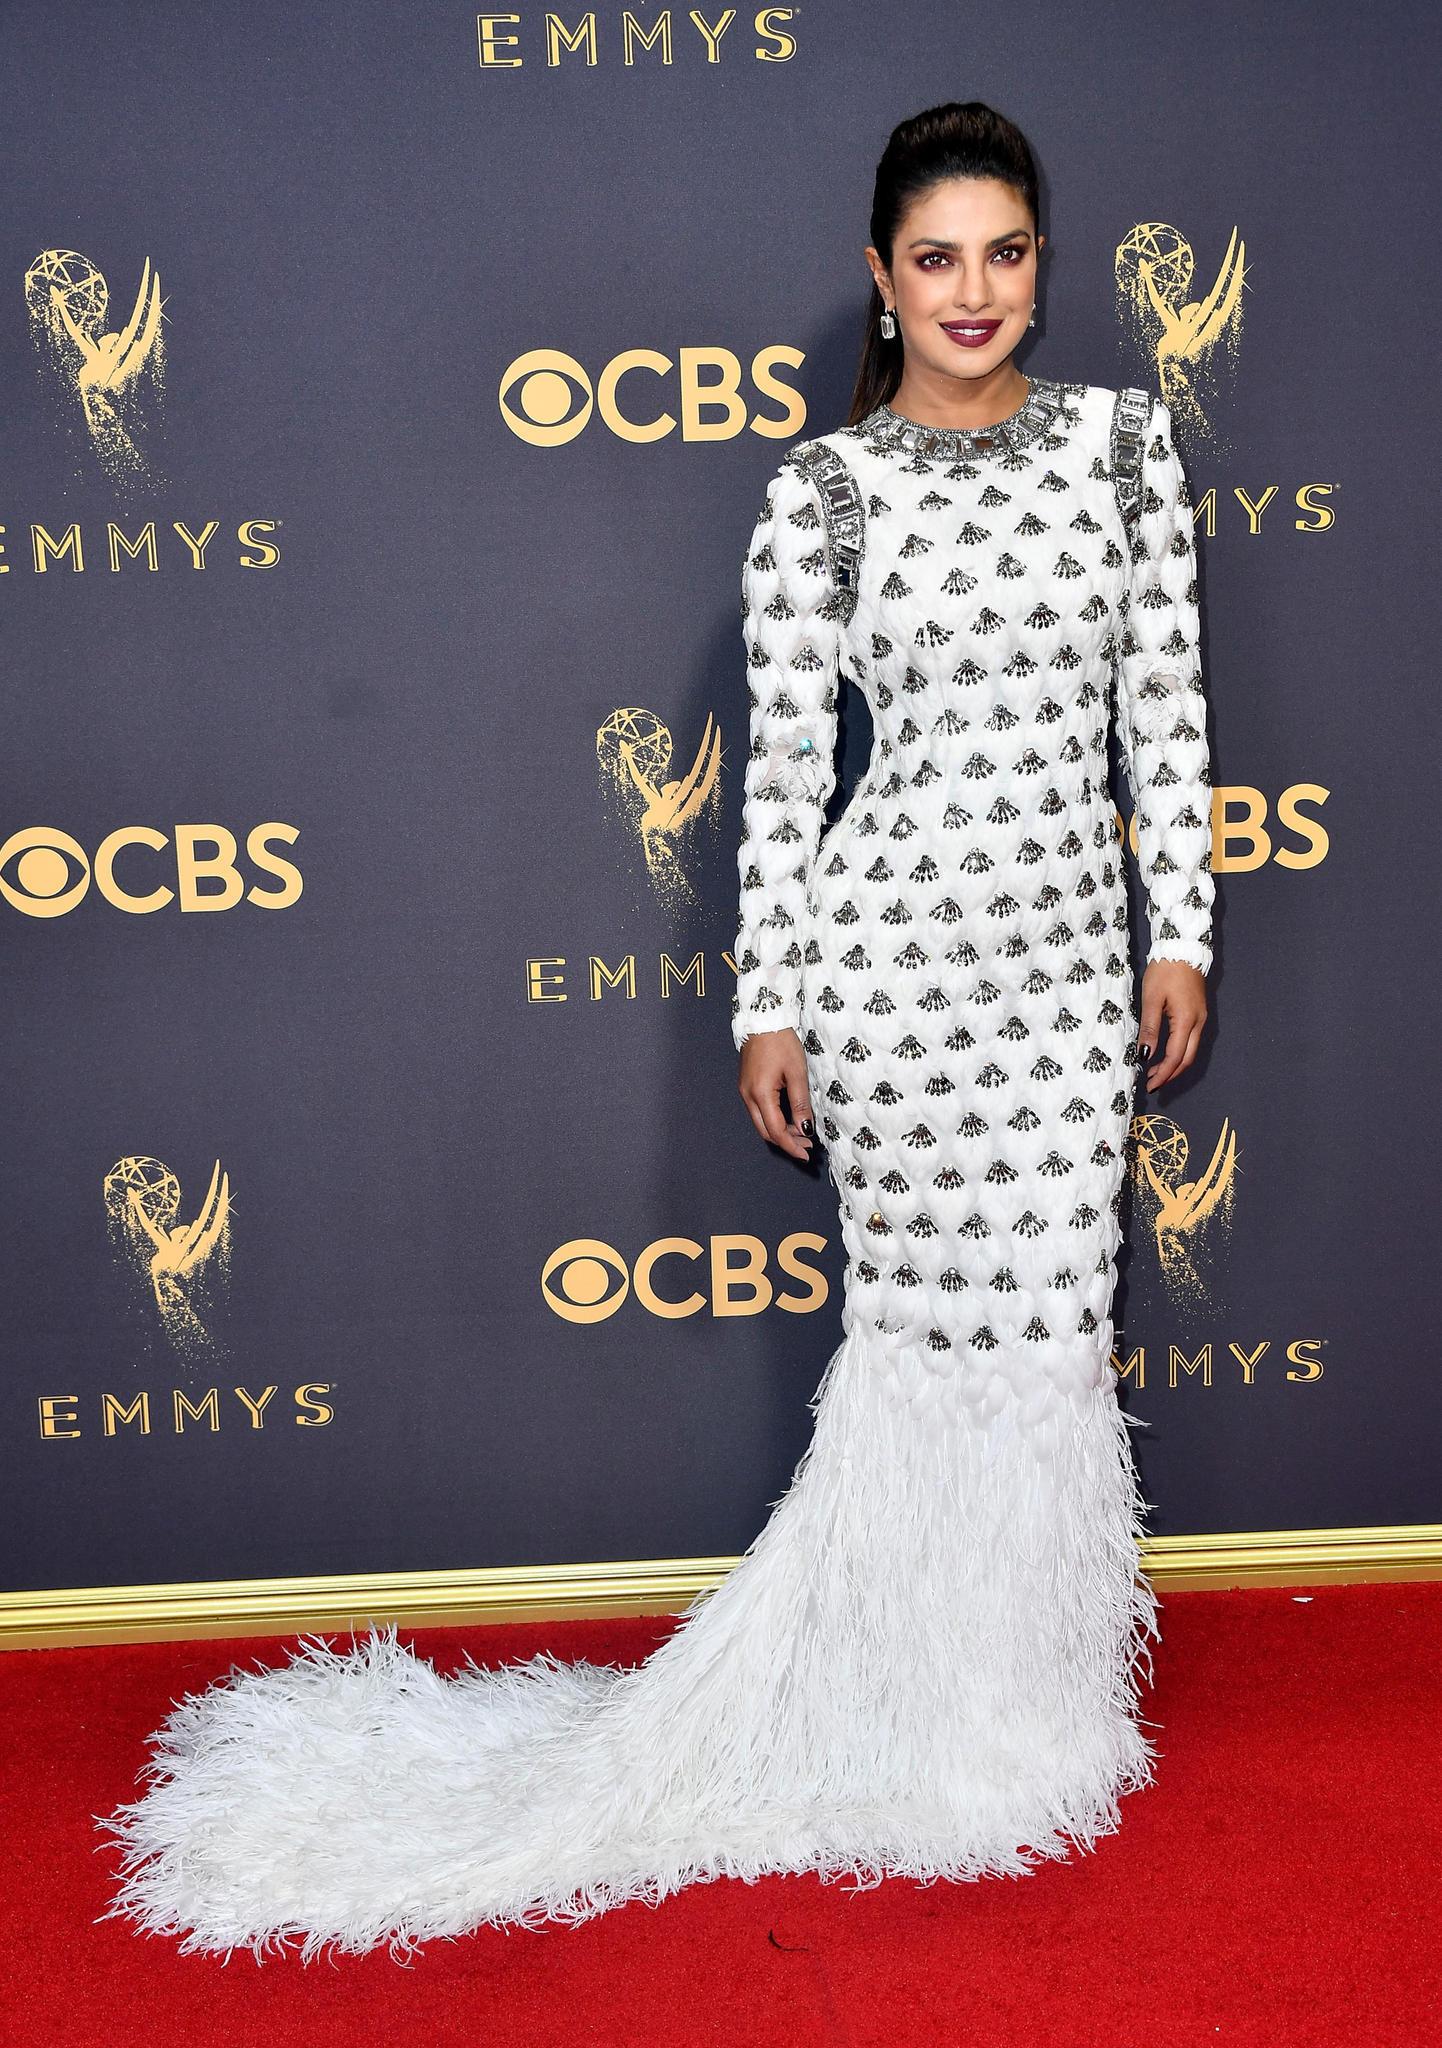 Emmys 2017 mit Priyanka Chopra auf dem Roten Teppich